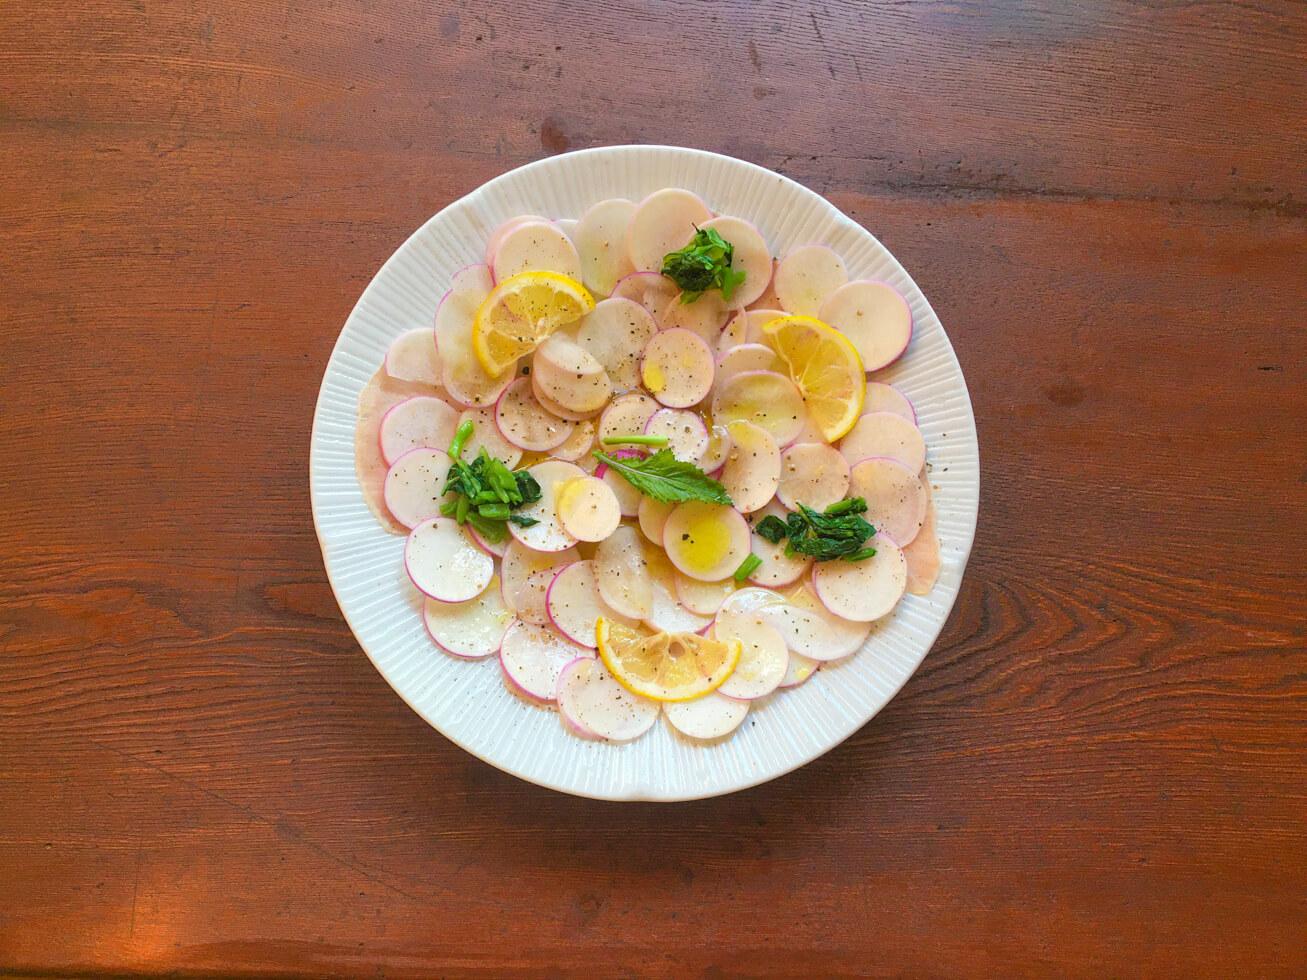 あやめ雪かぶのカルパッチョ風サラダの写真